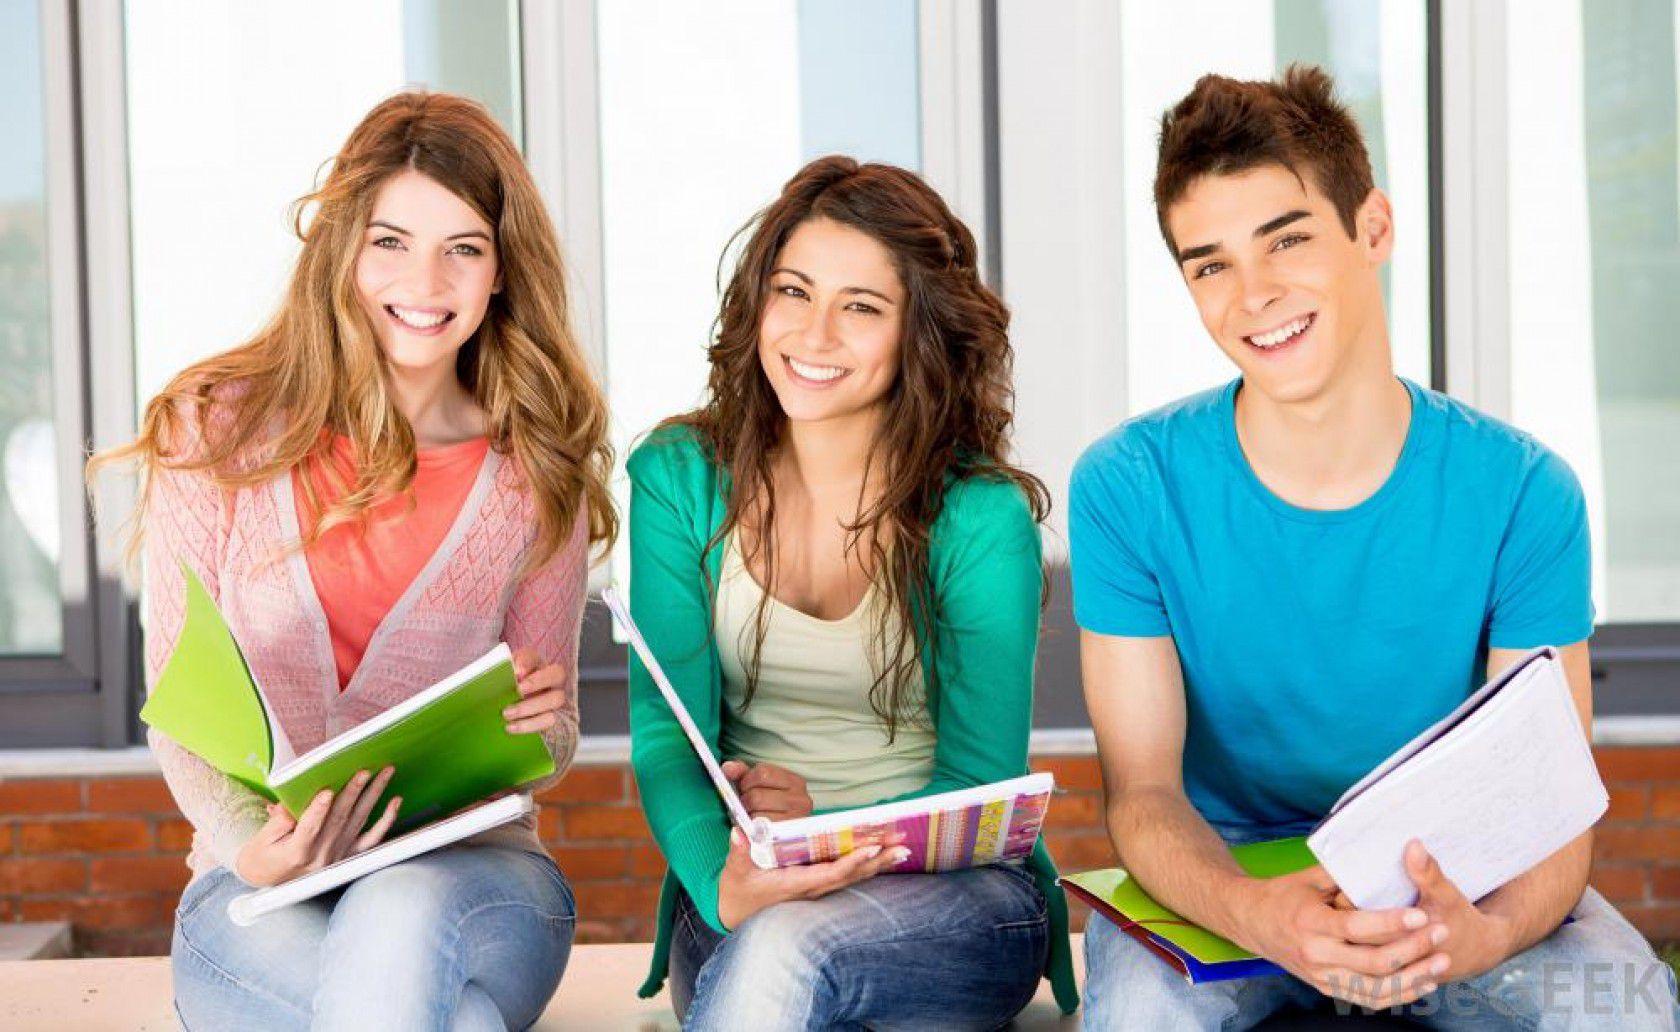 PMI Sınavı ile Alakalı Yaygın Veli Görüşleri Nelerdir?